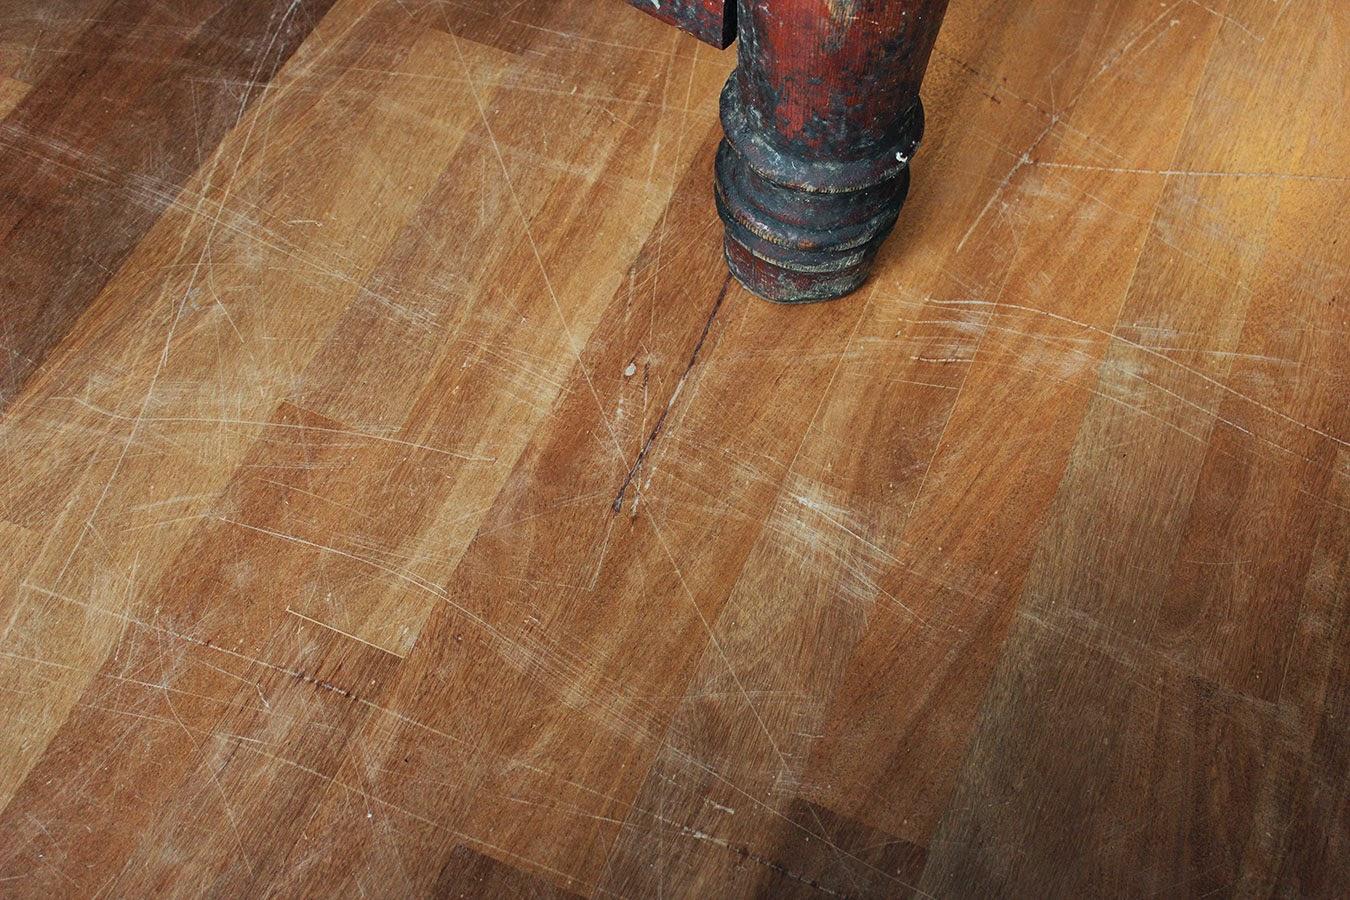 Pvc vloer schoonmaken met schoonmaakazijn